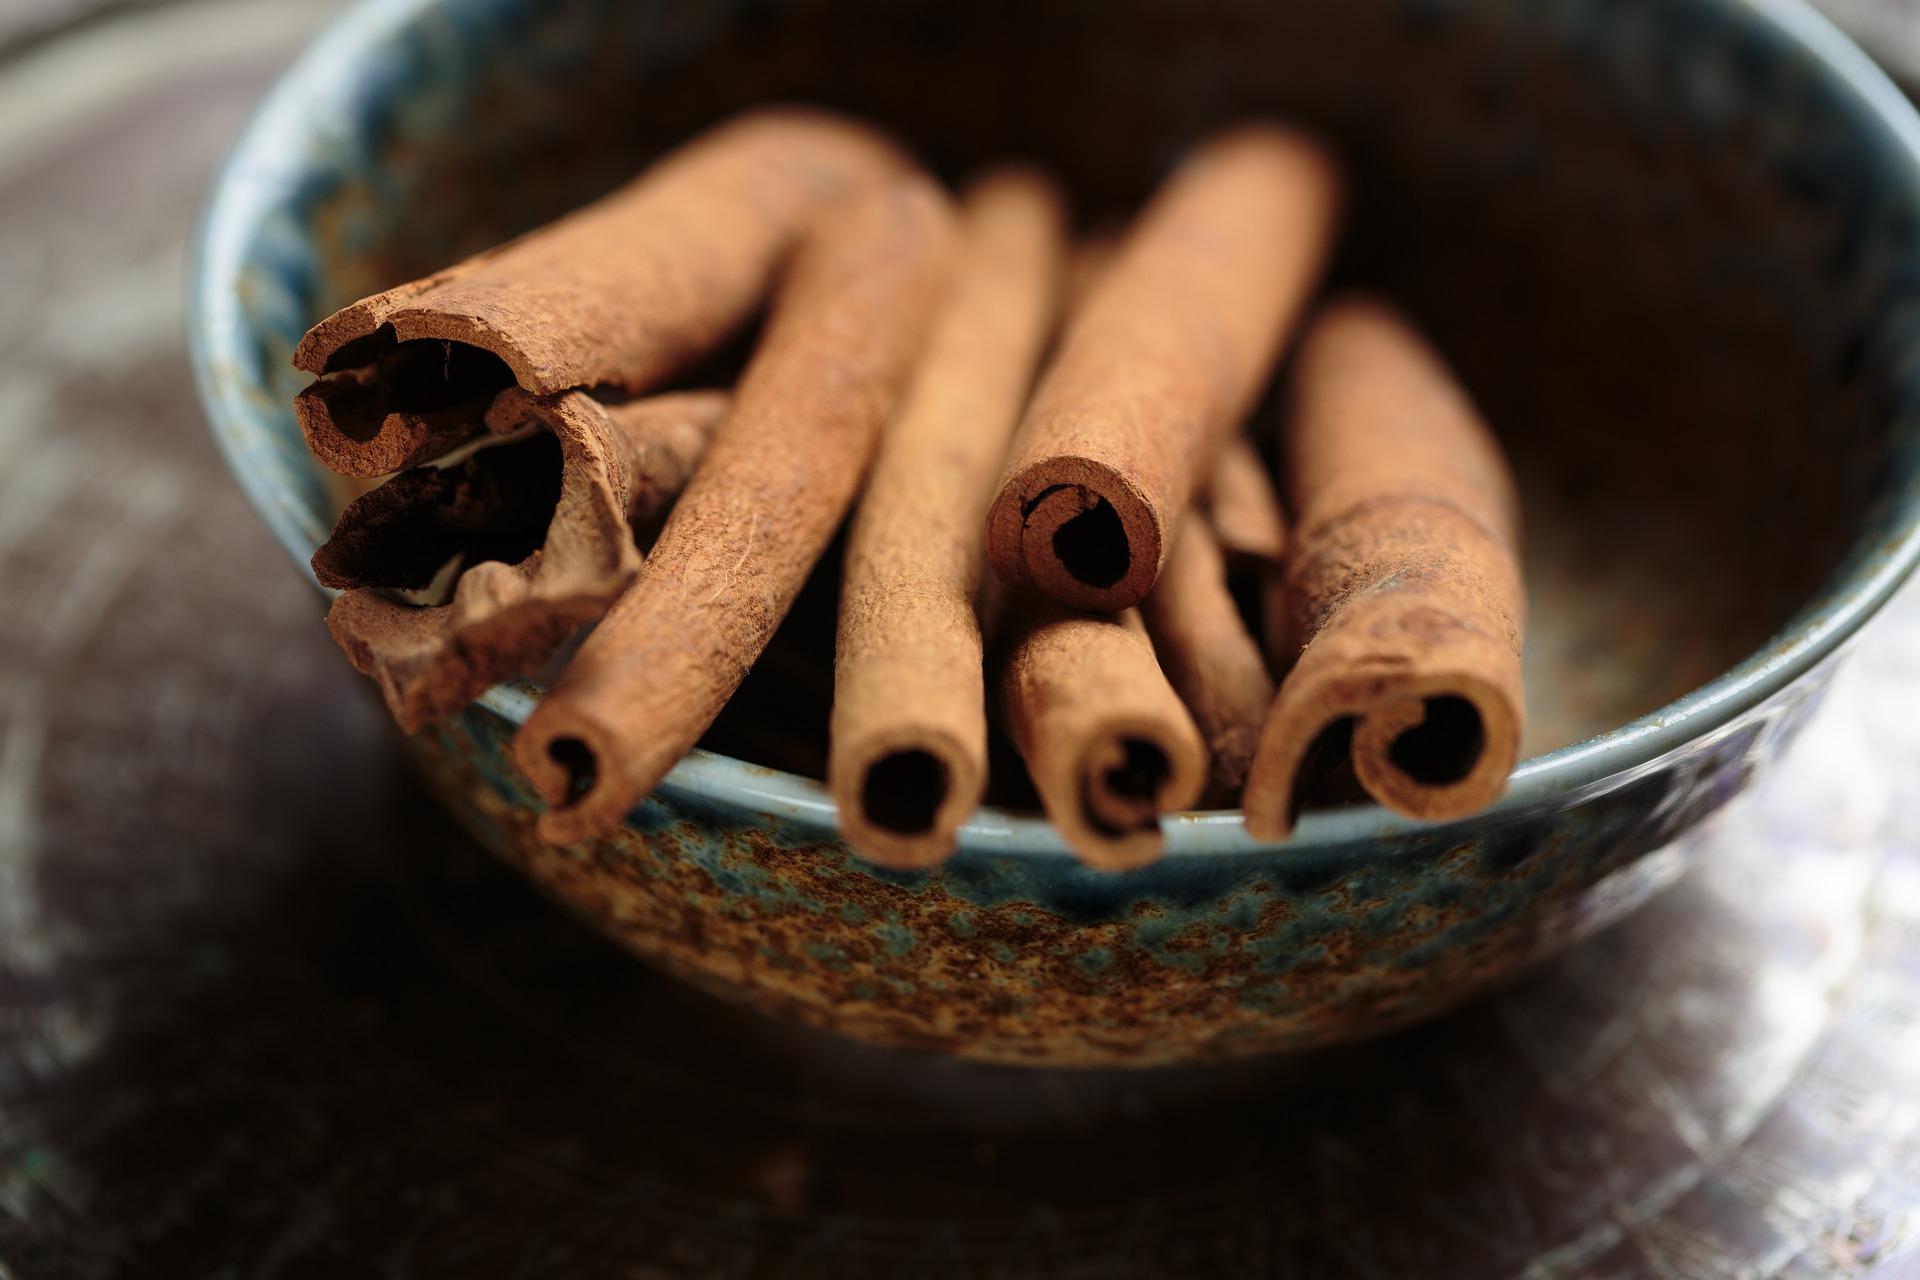 Existujú tri druhy škorice. Cejlonská, škorica indonézska a škorica čínska.